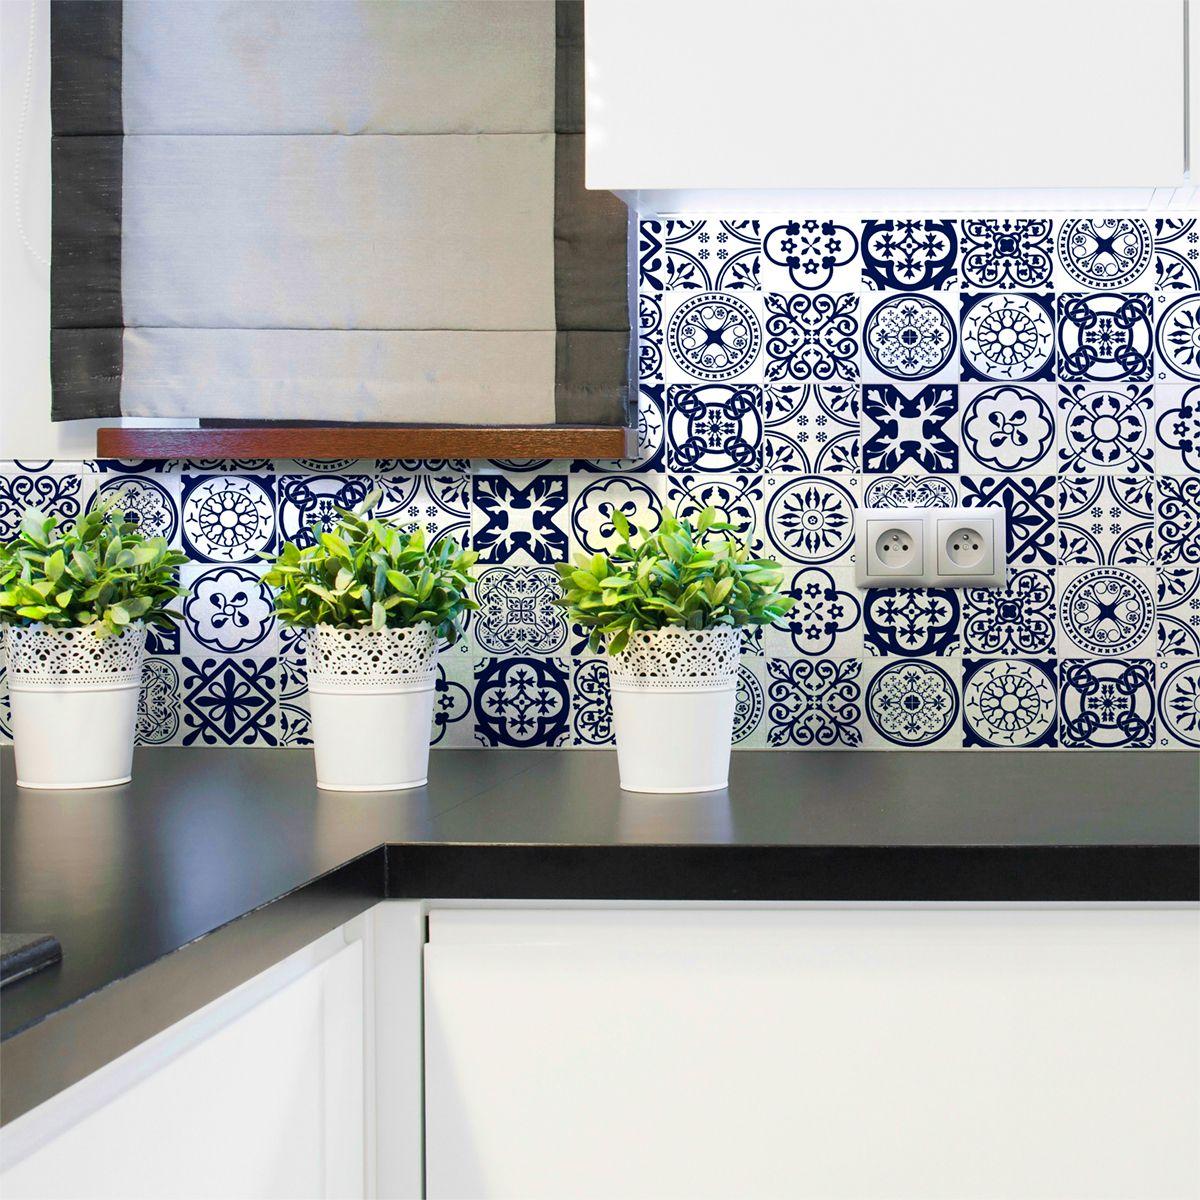 16 Stickers Carreaux De Ciment Ornements Florales Bleu Ambiance Sticker Com Azulejos Tiles Deco Maison Dosseret Cuisine Ambiance Sticker